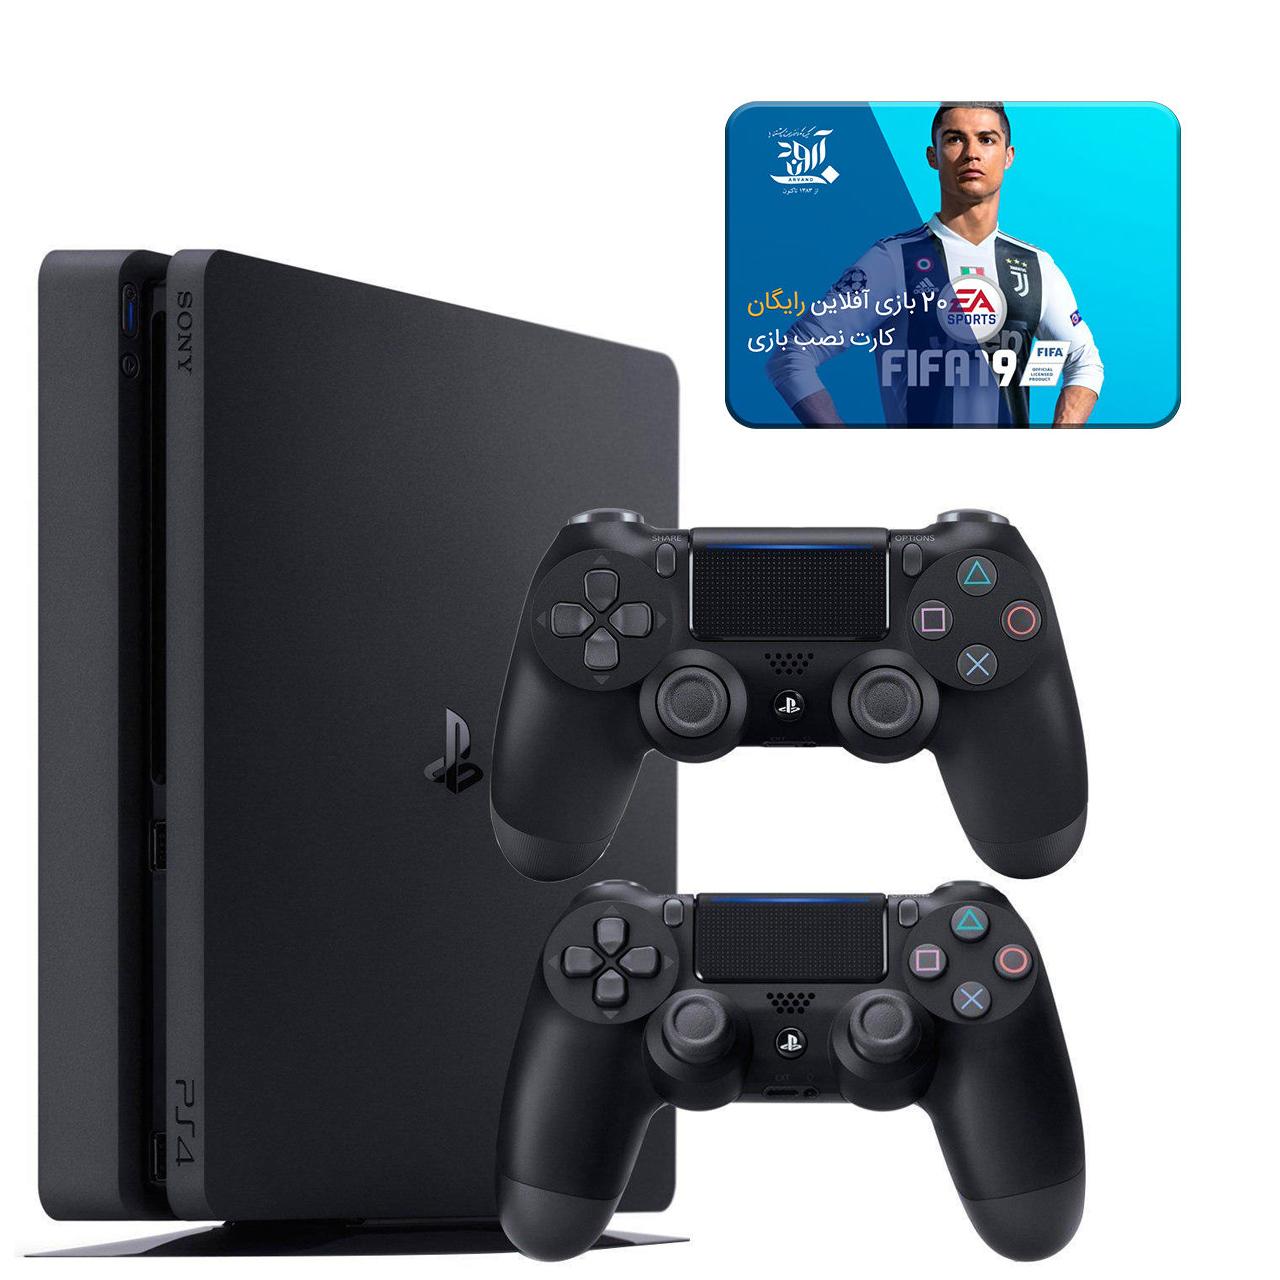 خرید مجموعه کنسول بازی سونی مدل Playstation 4 Slim ریجن 2 کد CUH-2216B ظرفیت 1 ترابایت به همراه 20 عدد بازی